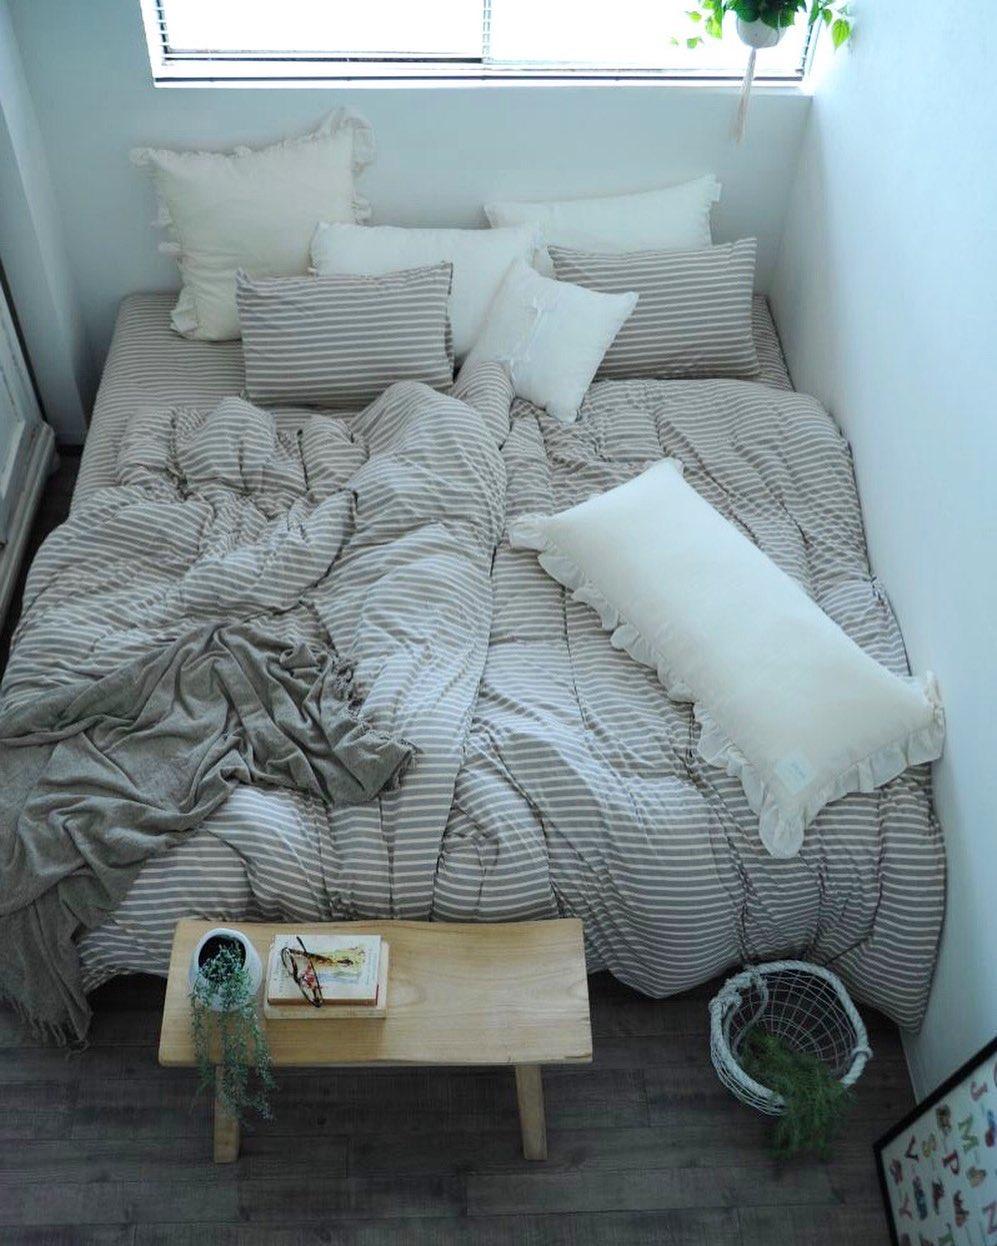 ベッドリネンやクッションがおしゃれな寝室